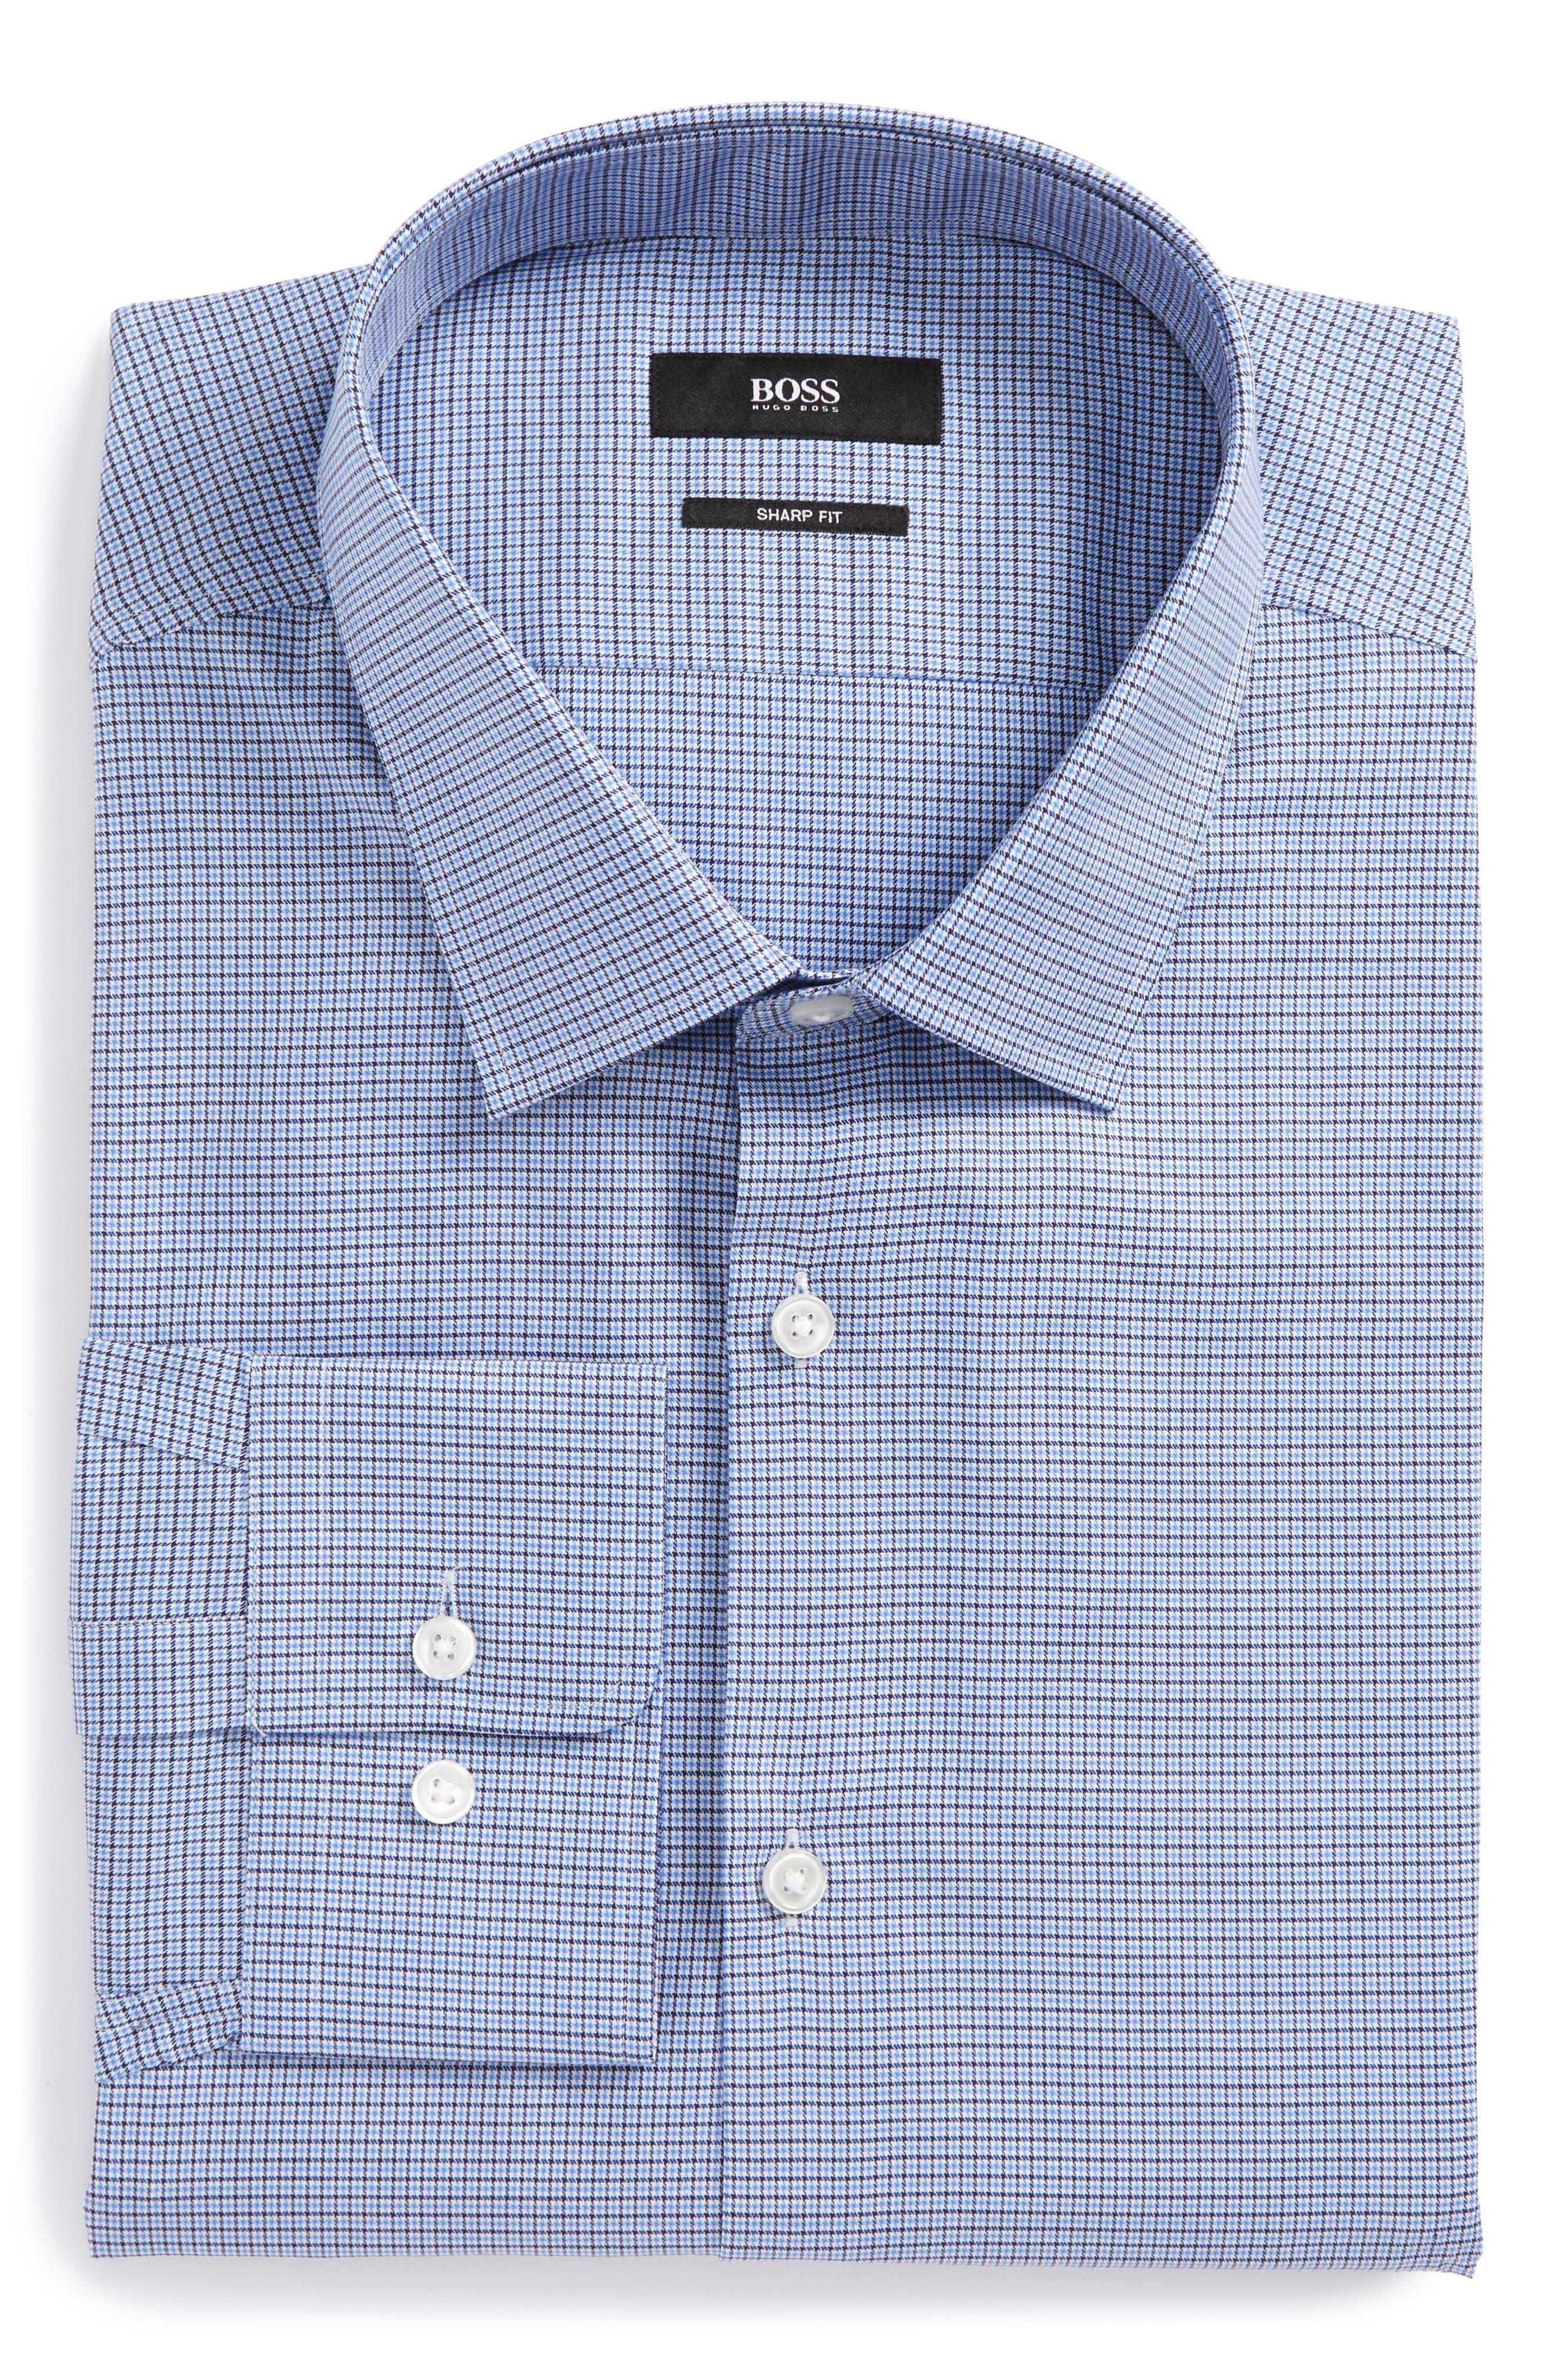 Marley Sharp Fit Dress Shirt,                             Main thumbnail 1, color,                             450